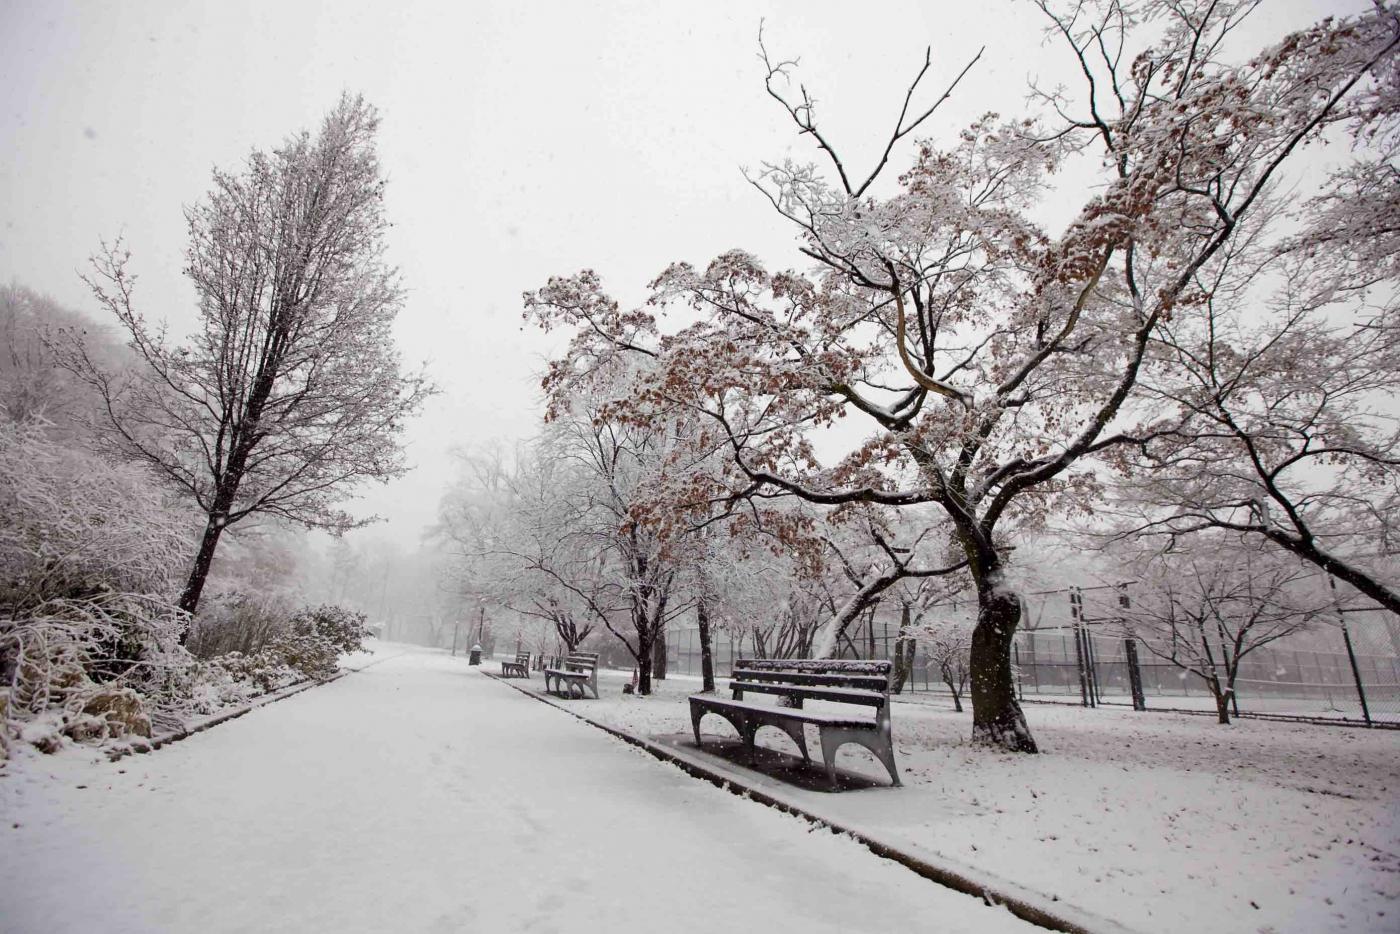 雪中即景_图1-1